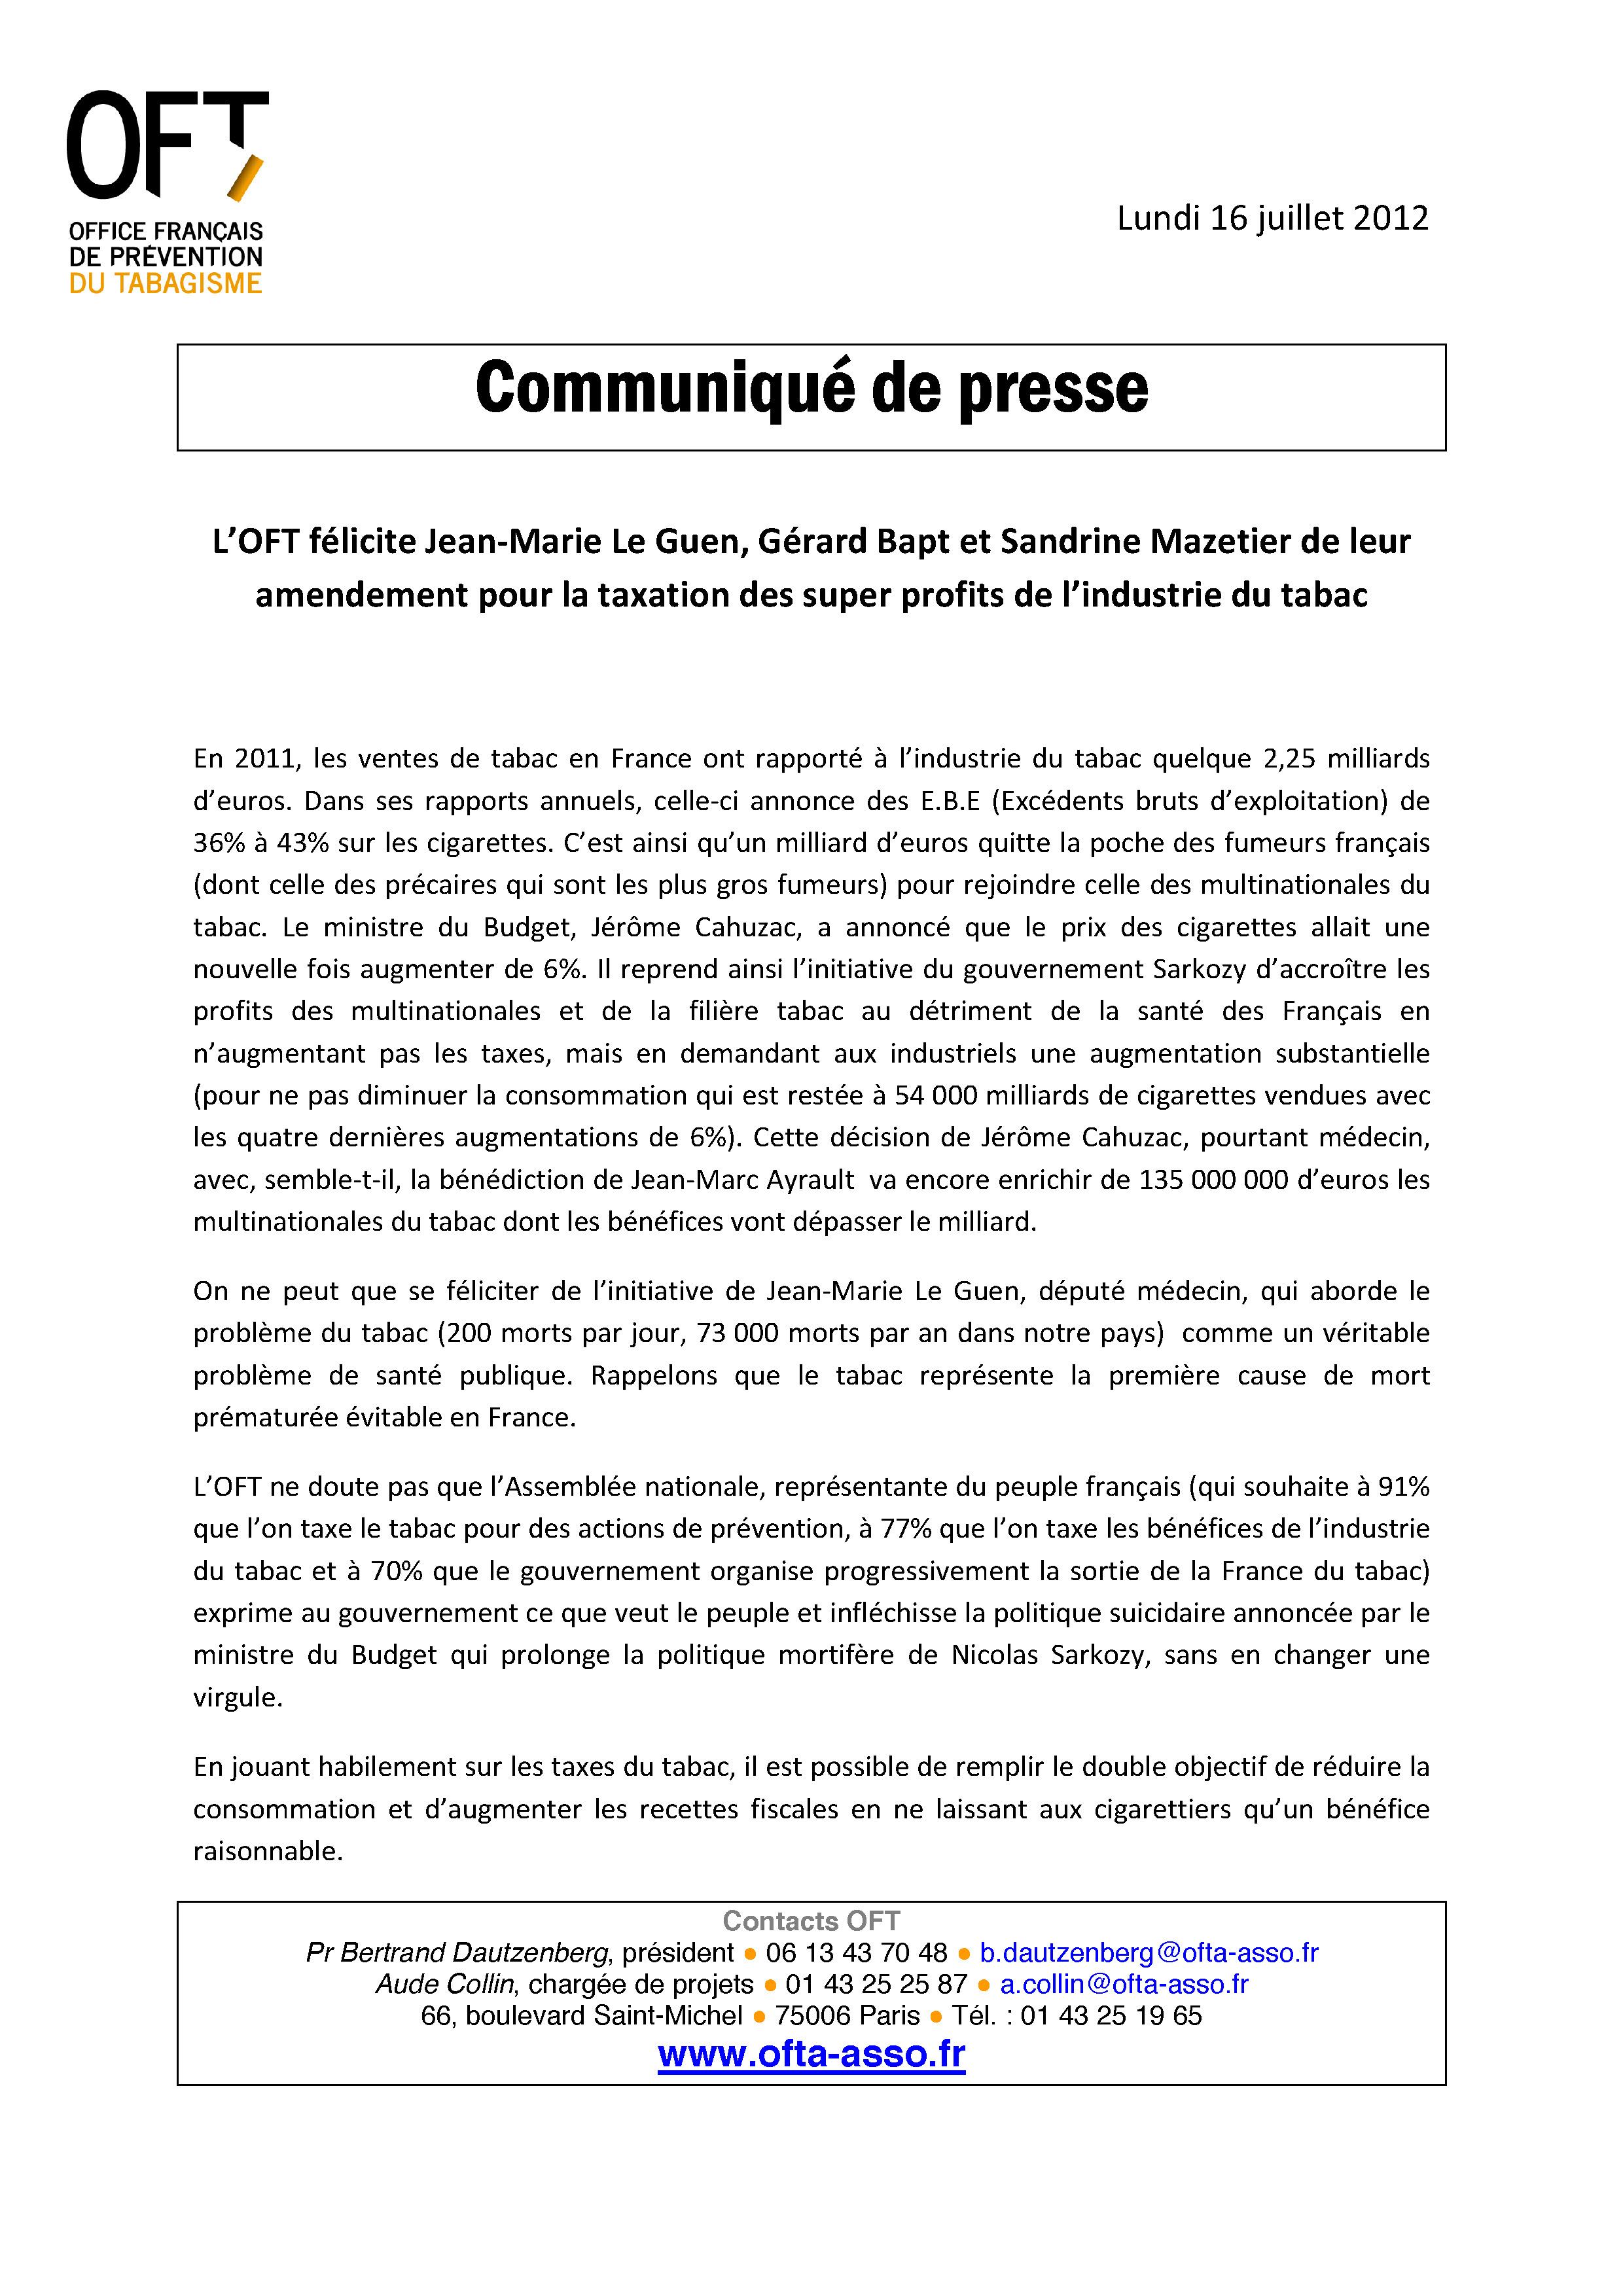 OFT-CP_amendement-j-m-le-guen-16juil2012.jpg